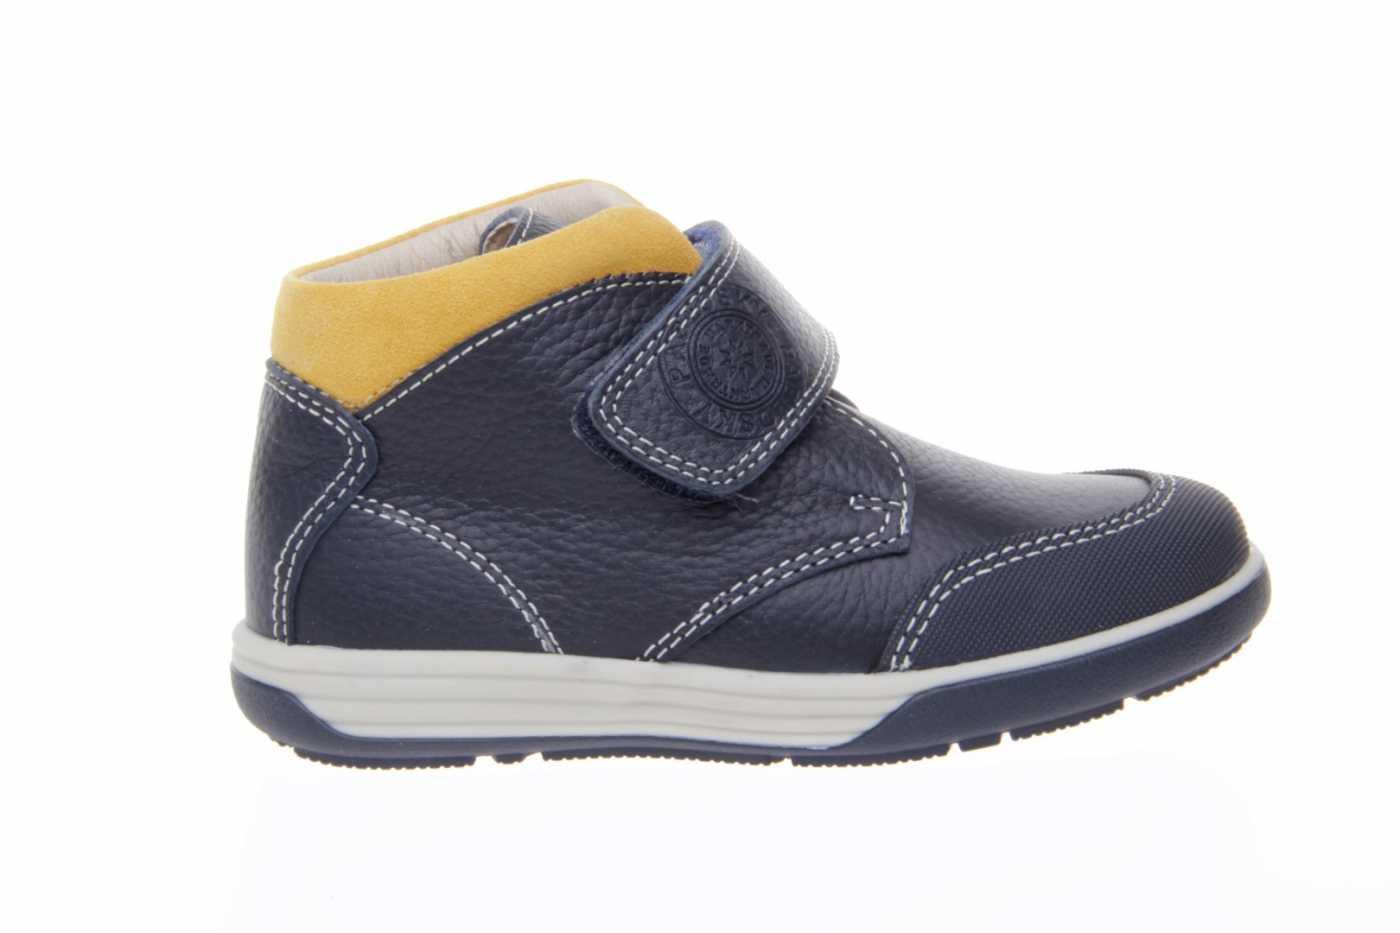 266e8c31a Comprar zapato tipo JOVEN NIÑO estilo BOTAS COLOR AZUL MARINO PIEL ...